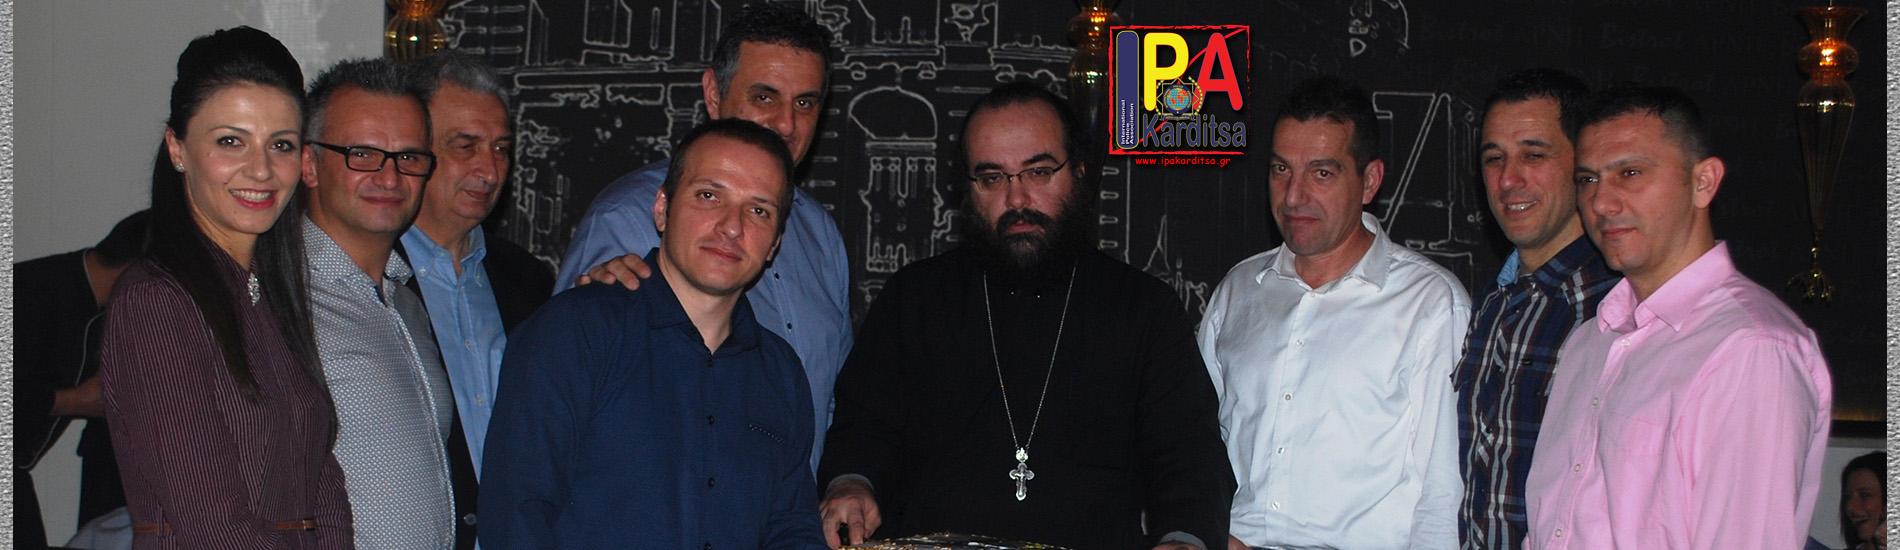 Εντυπωσιακή η βραδιά κοπής πίτας της ΙΡΑ Καρδίτσας